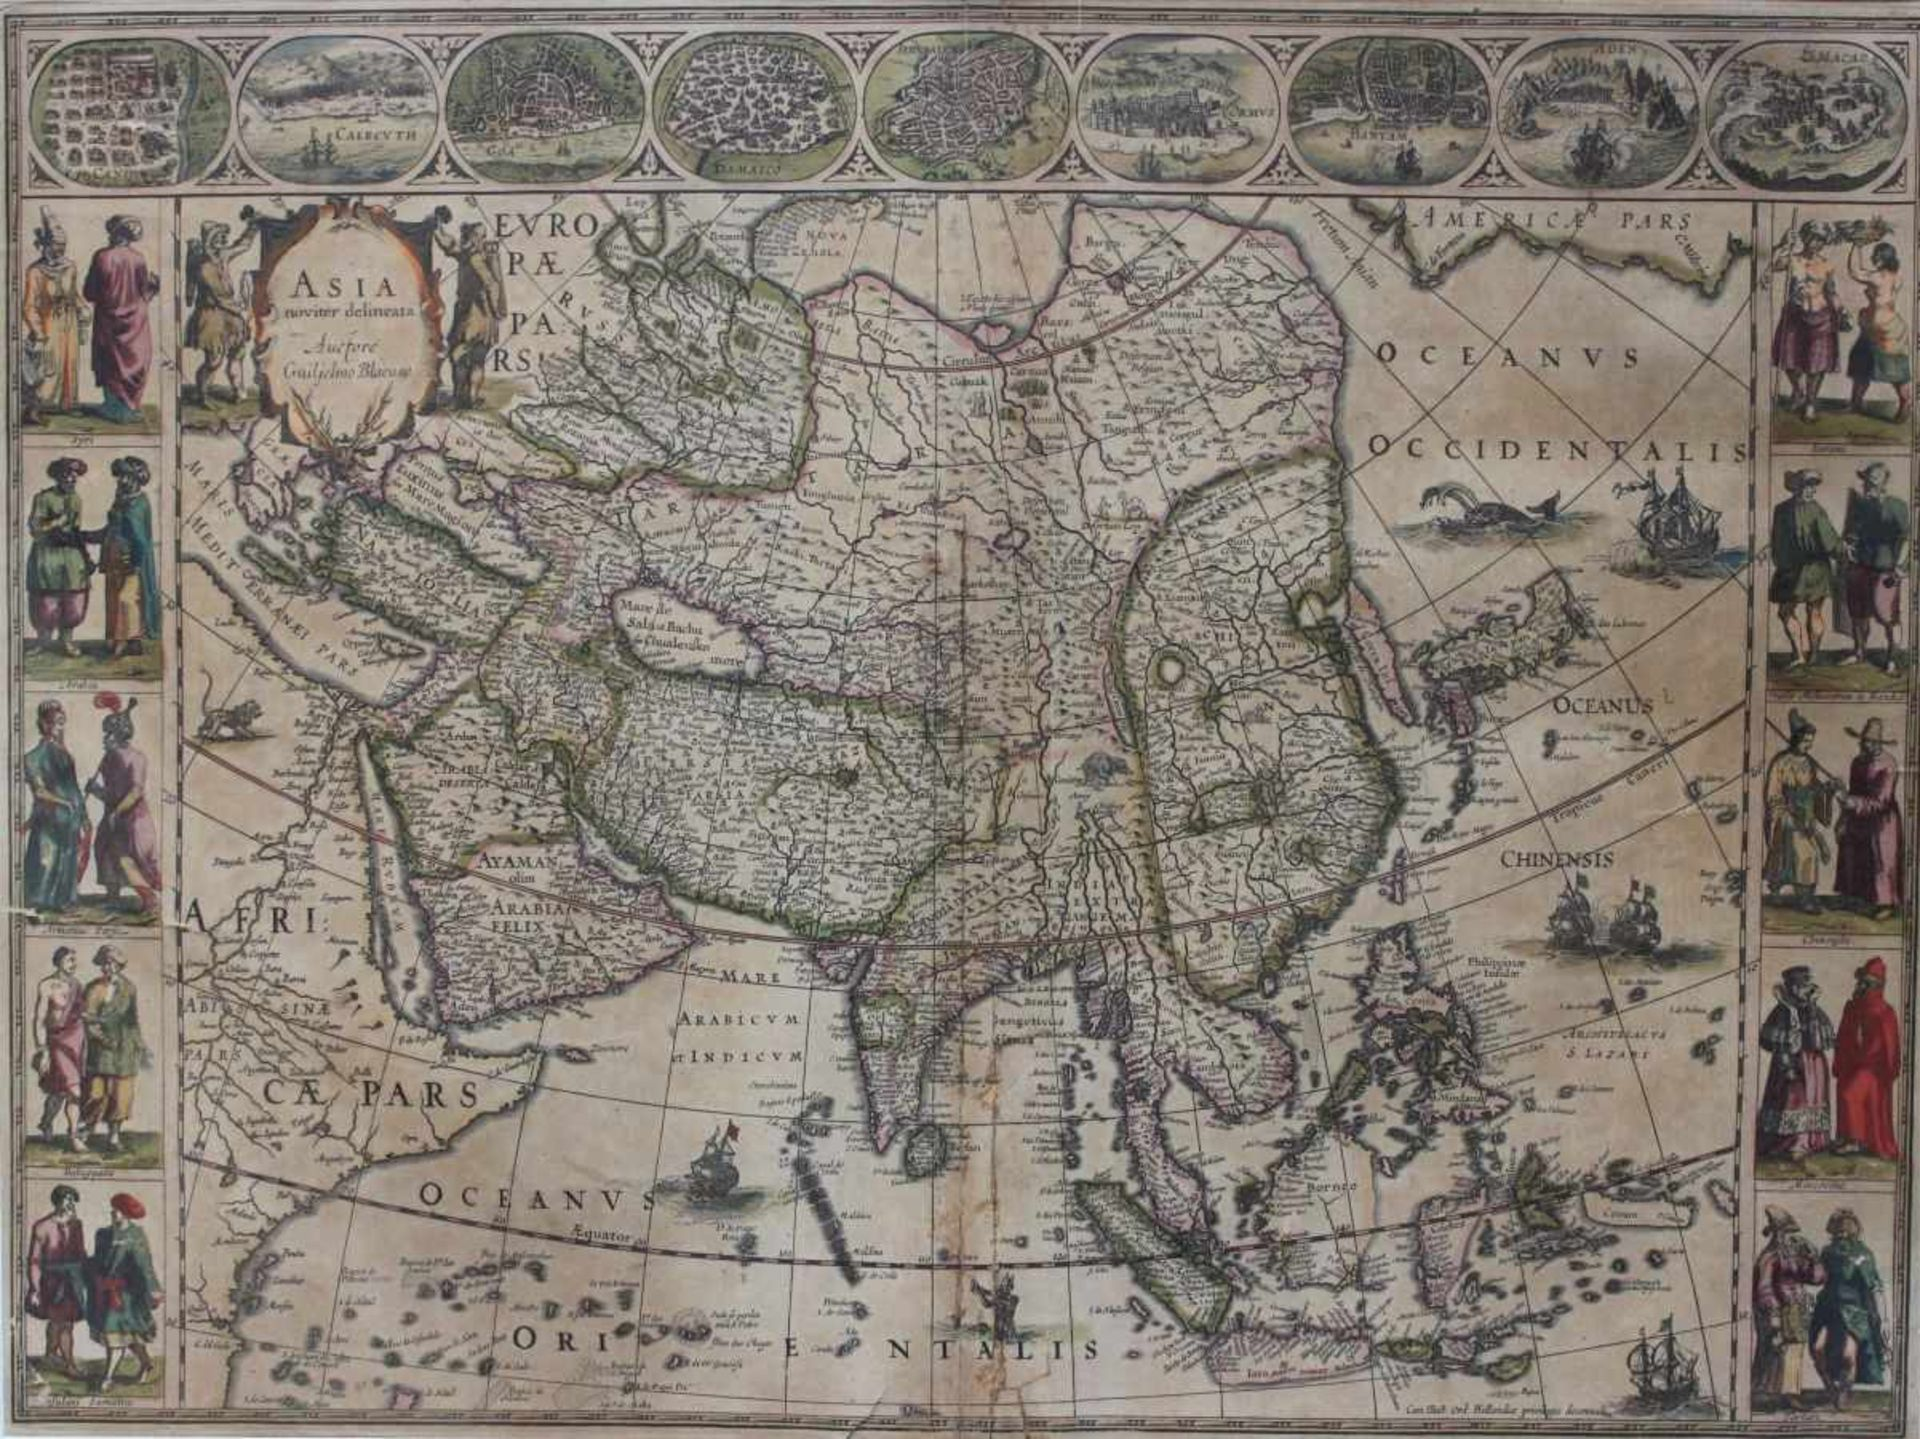 """Los 57 - Kupferstich - Willem Blaeu (1571 Alkmaar - 1638 Amsterdam) """"Asia noviter delineata, Auctore"""